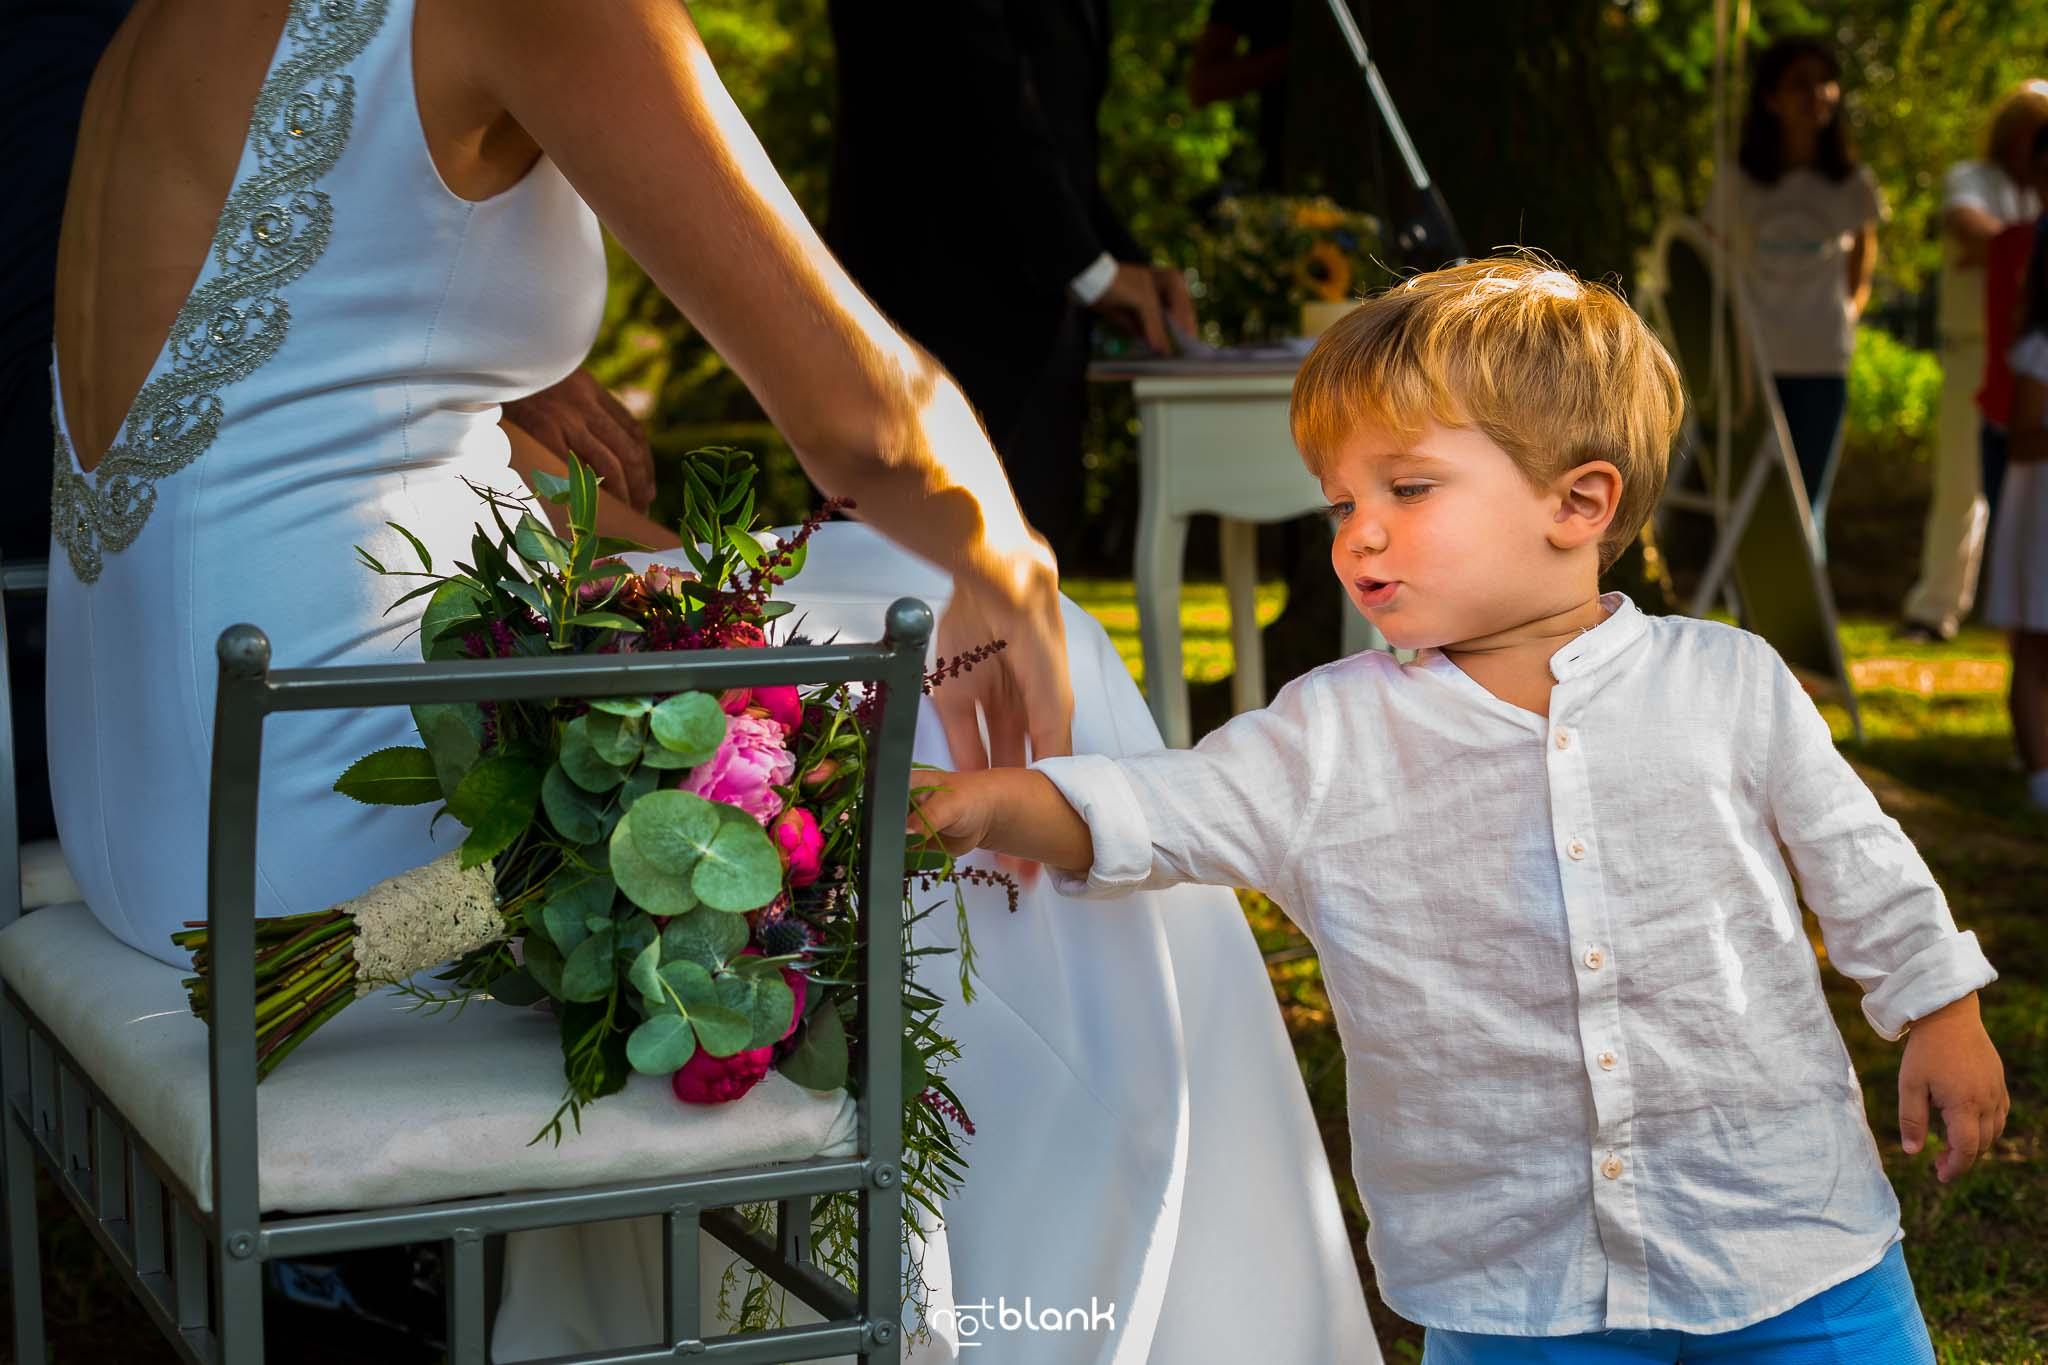 Boda En El Jardin De Casa Jana y Fran - El hijo pequeño de los novios se acerca al ramo de flores de la novia para jugar con el - Notblank Fotografos de boda